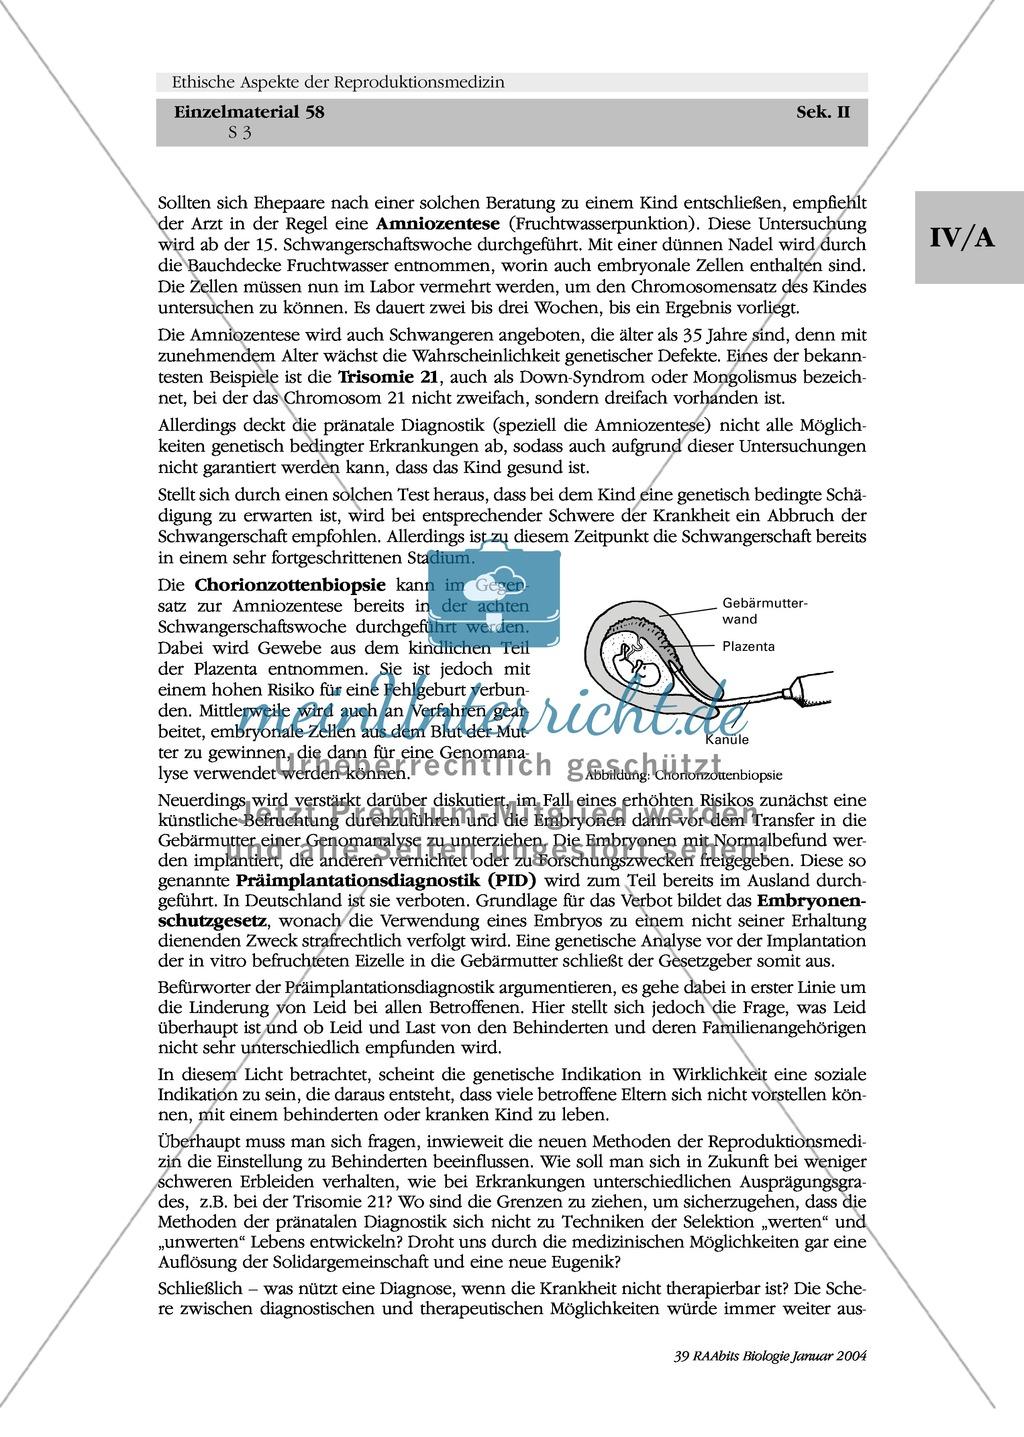 Ethische Aspekte der Reproduktionsgenetik: Pränatale Diagnostik und ...